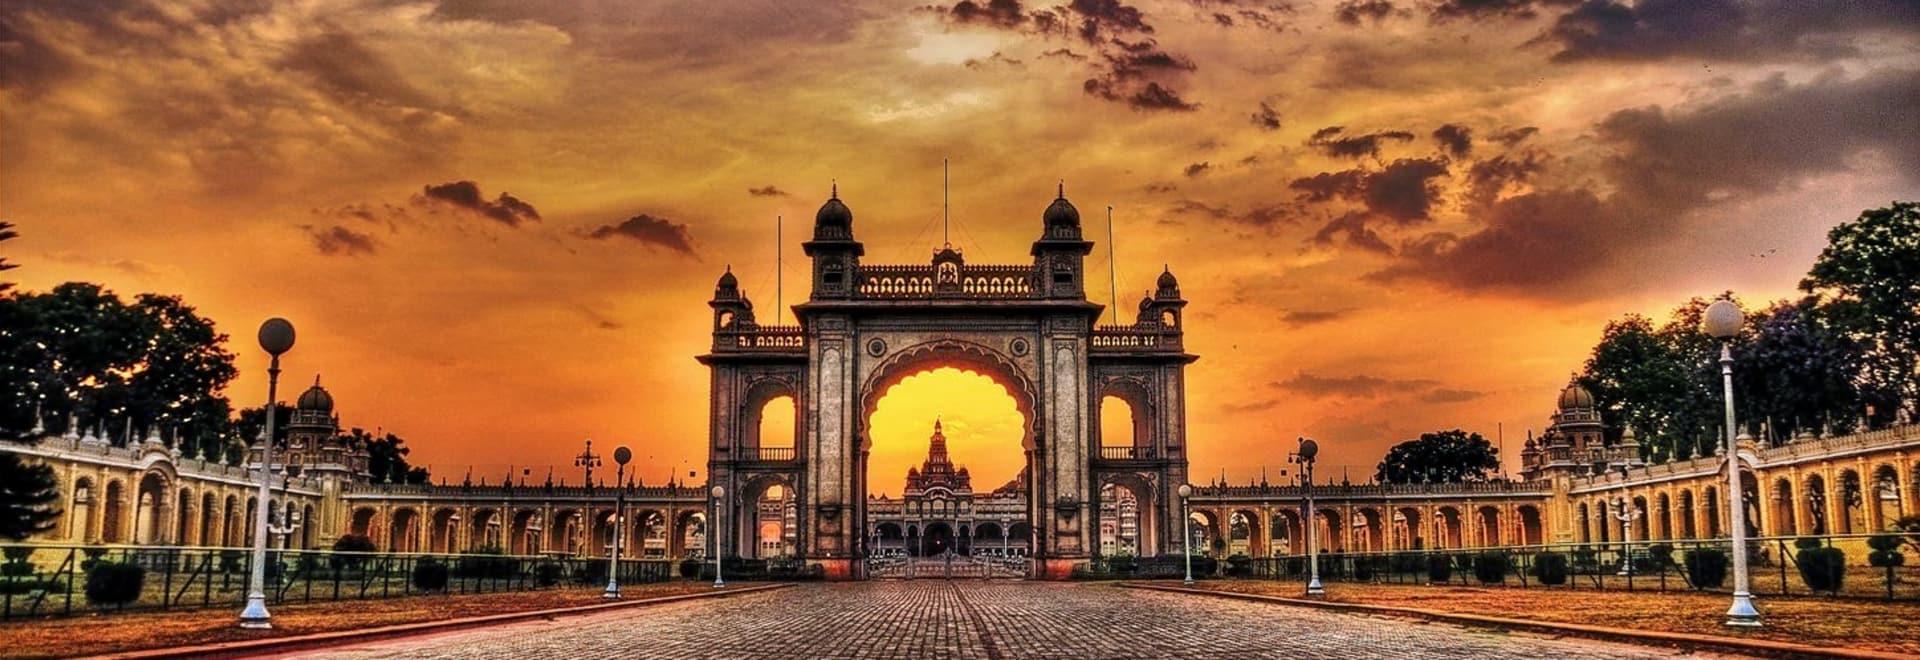 Mysore-flickr.jpg